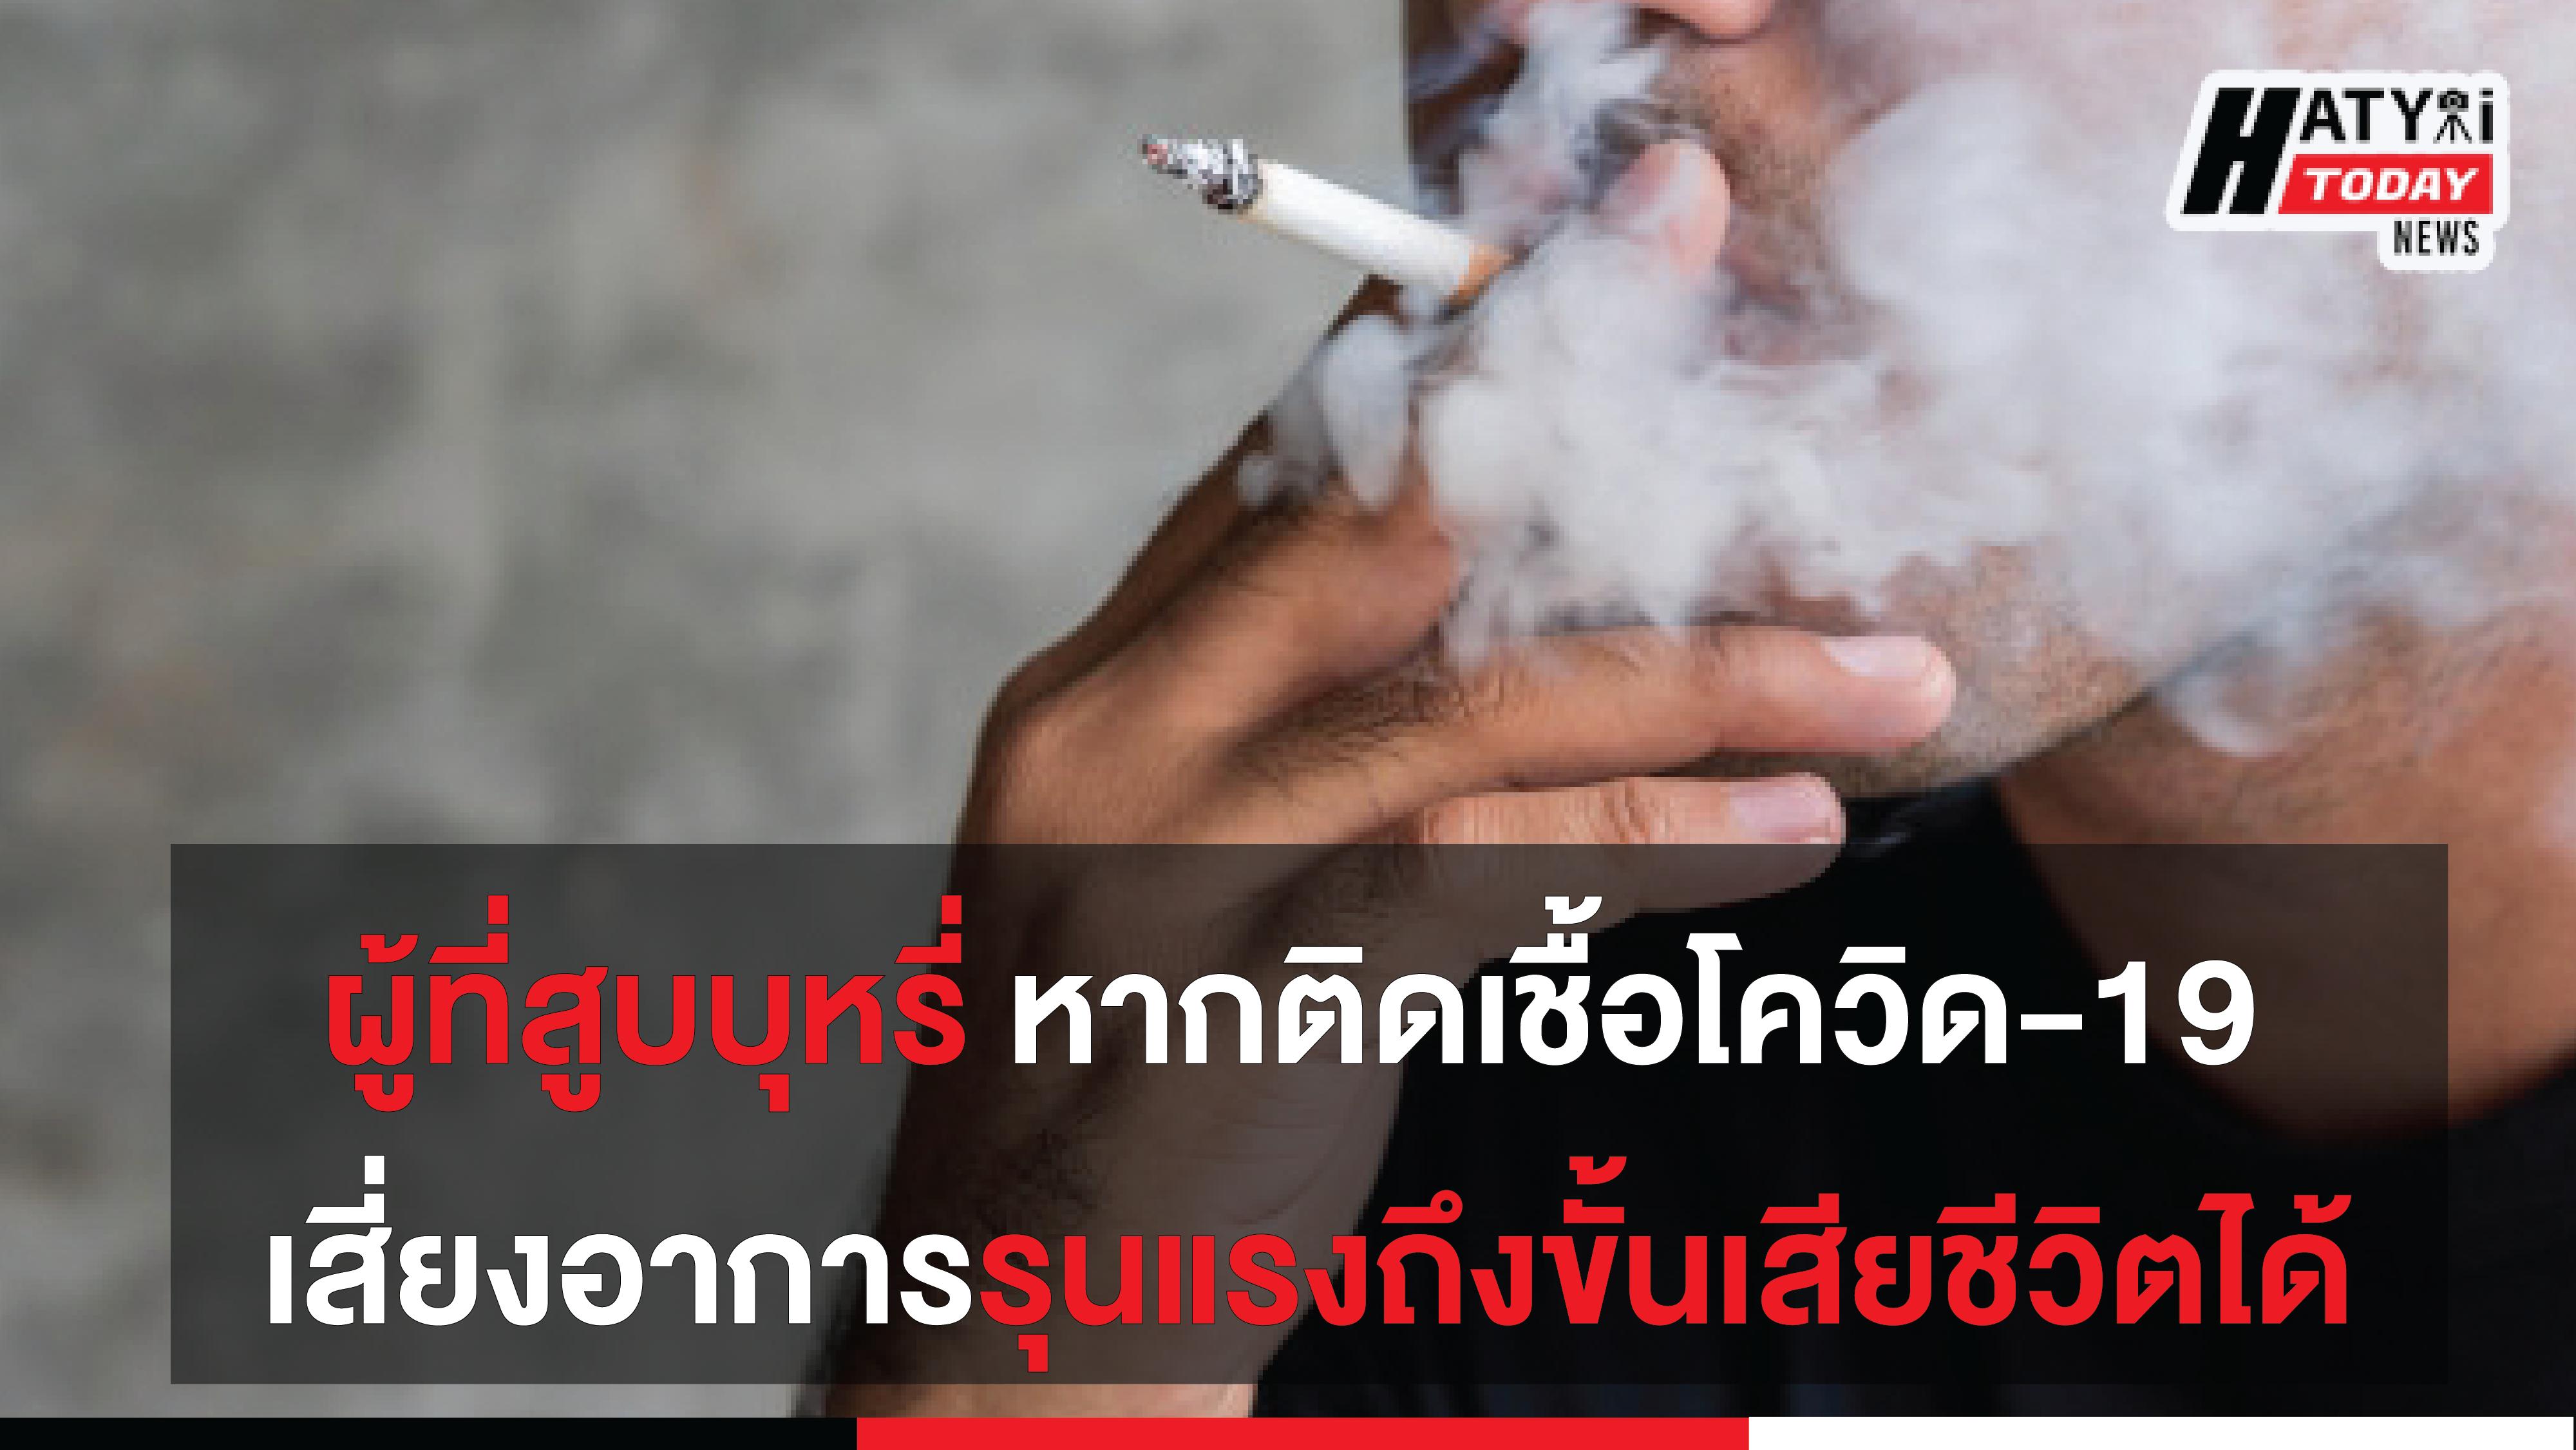 ผู้ที่สูบบุหรี่ หากติดเชื้อโควิด-19 เสี่ยงอาการรุนแรงอาจถึงขั้นเสียชีวิตได้